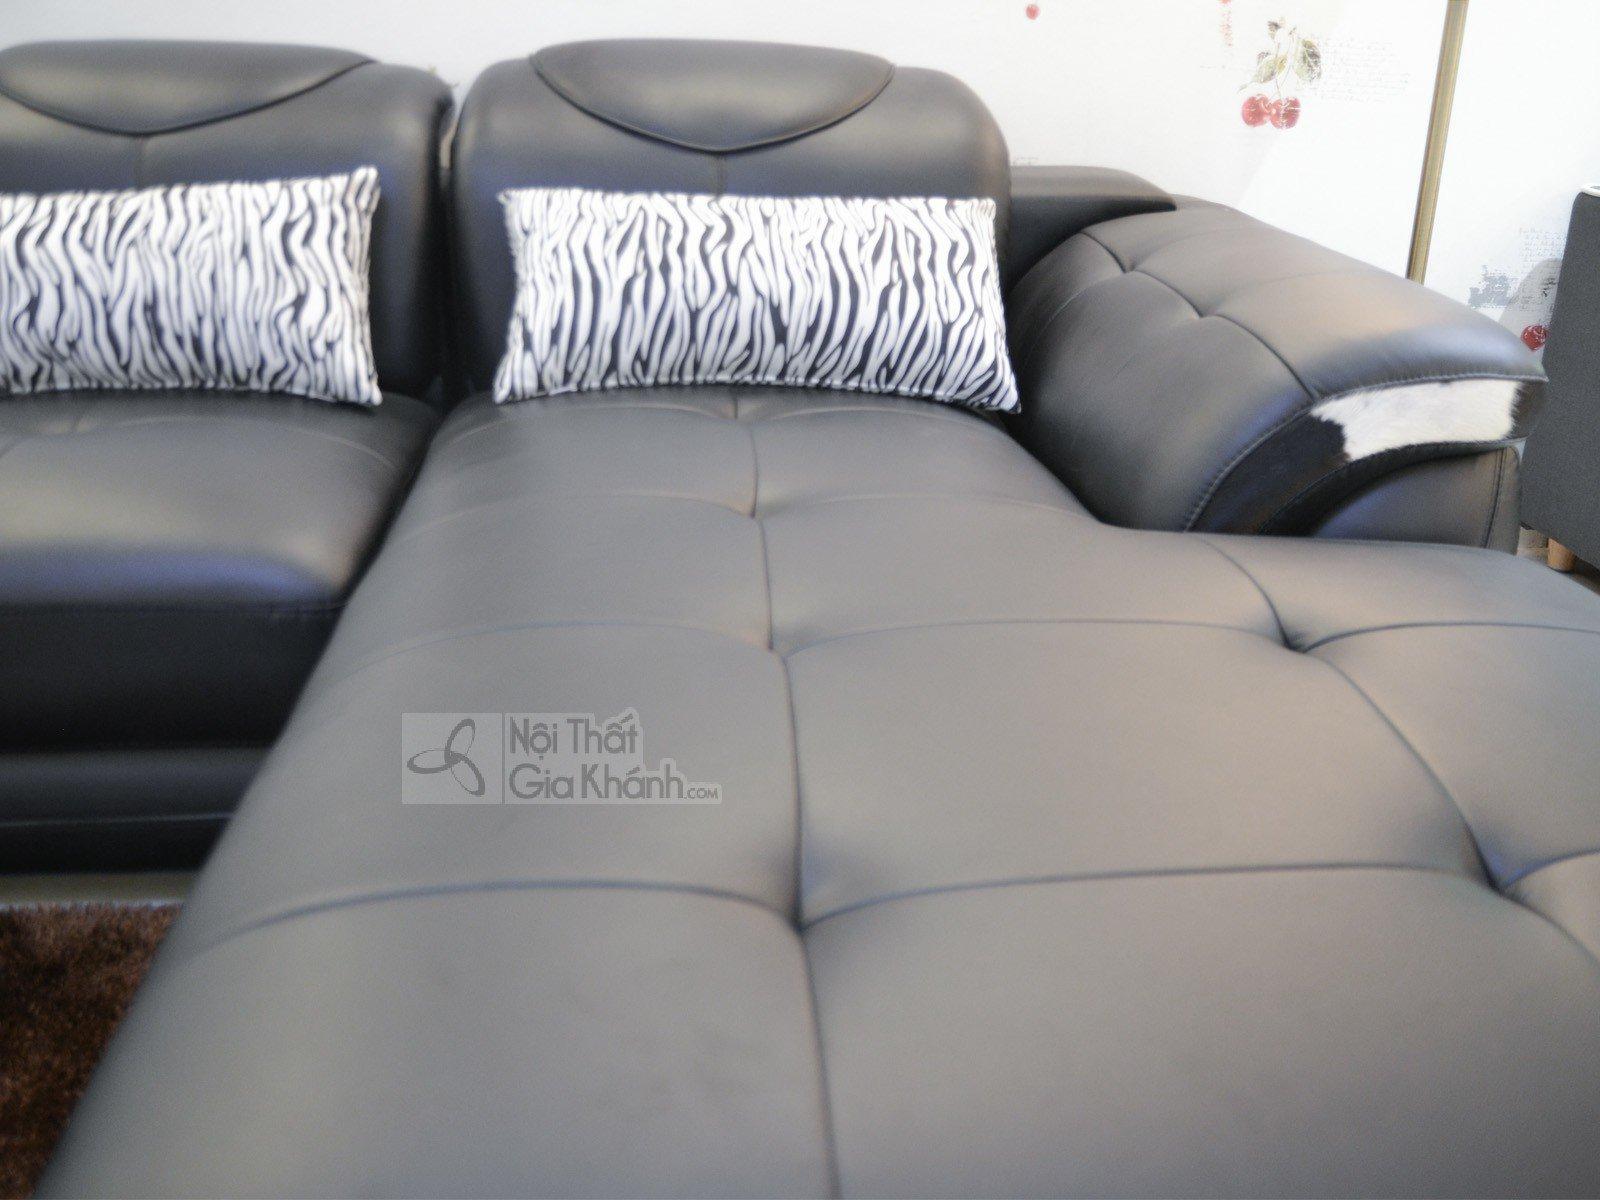 SOFA MÀU ĐEN 3 BĂNG GÓC PHẢI 9192D-SF - sofa da màu đen 919D 4